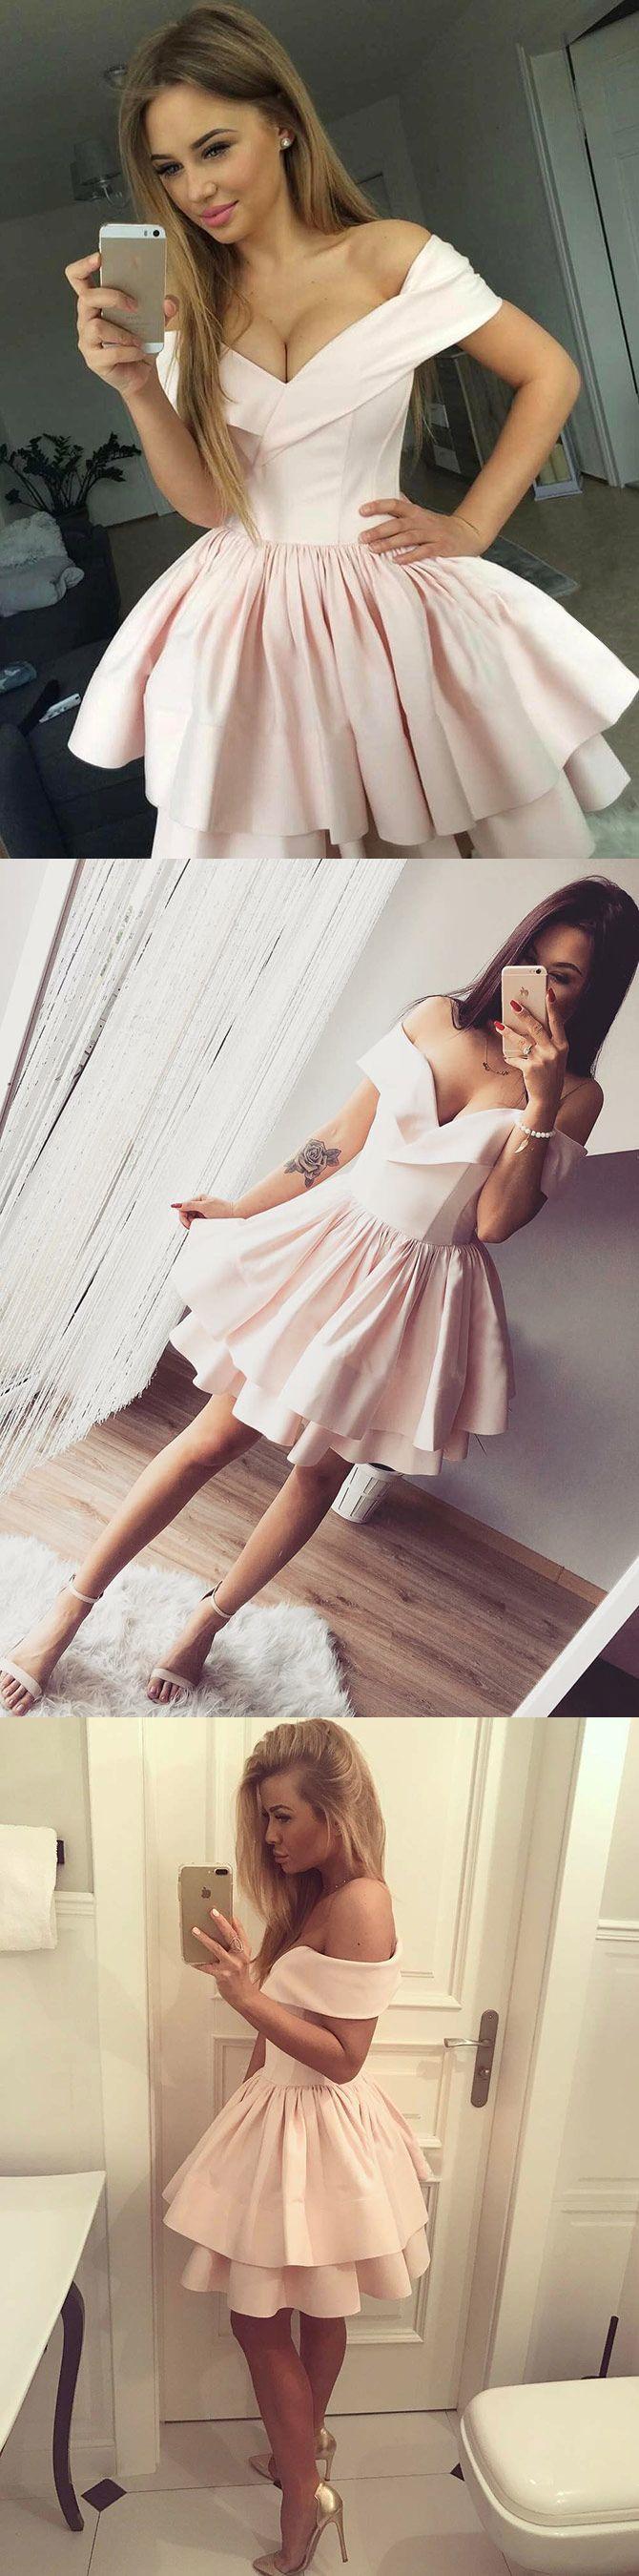 Aline offtheshoulder aboveknee pink tiered homecoming dress in